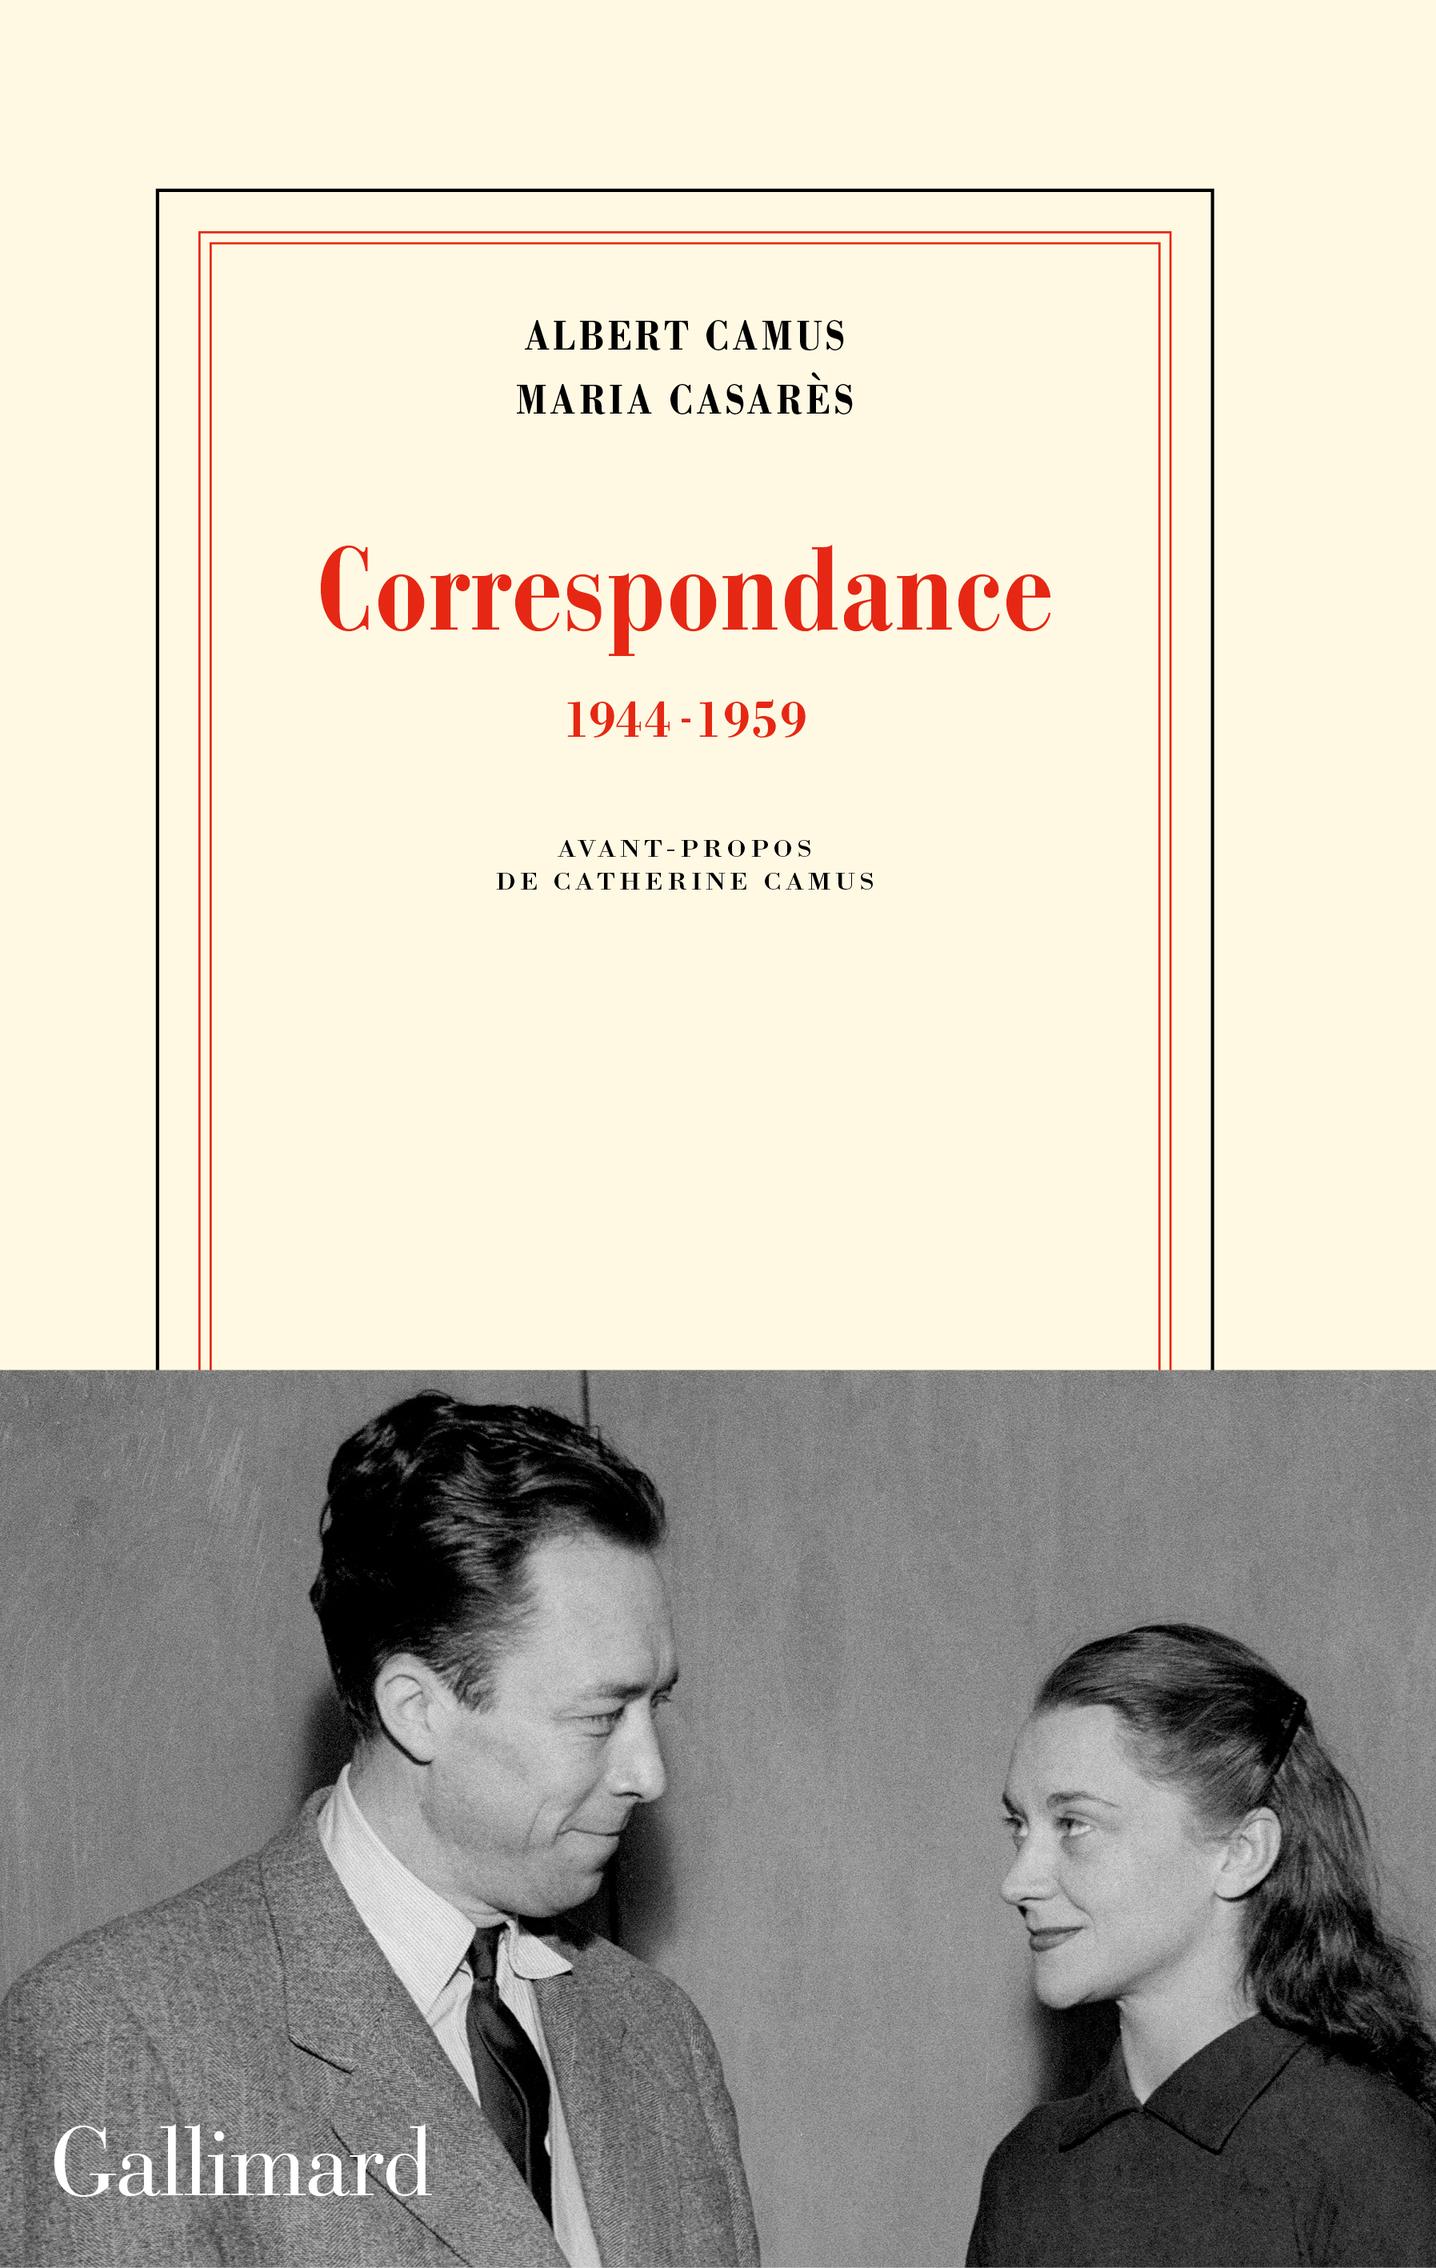 eb6585ce685 Correspondance - Blanche - GALLIMARD - Site Gallimard